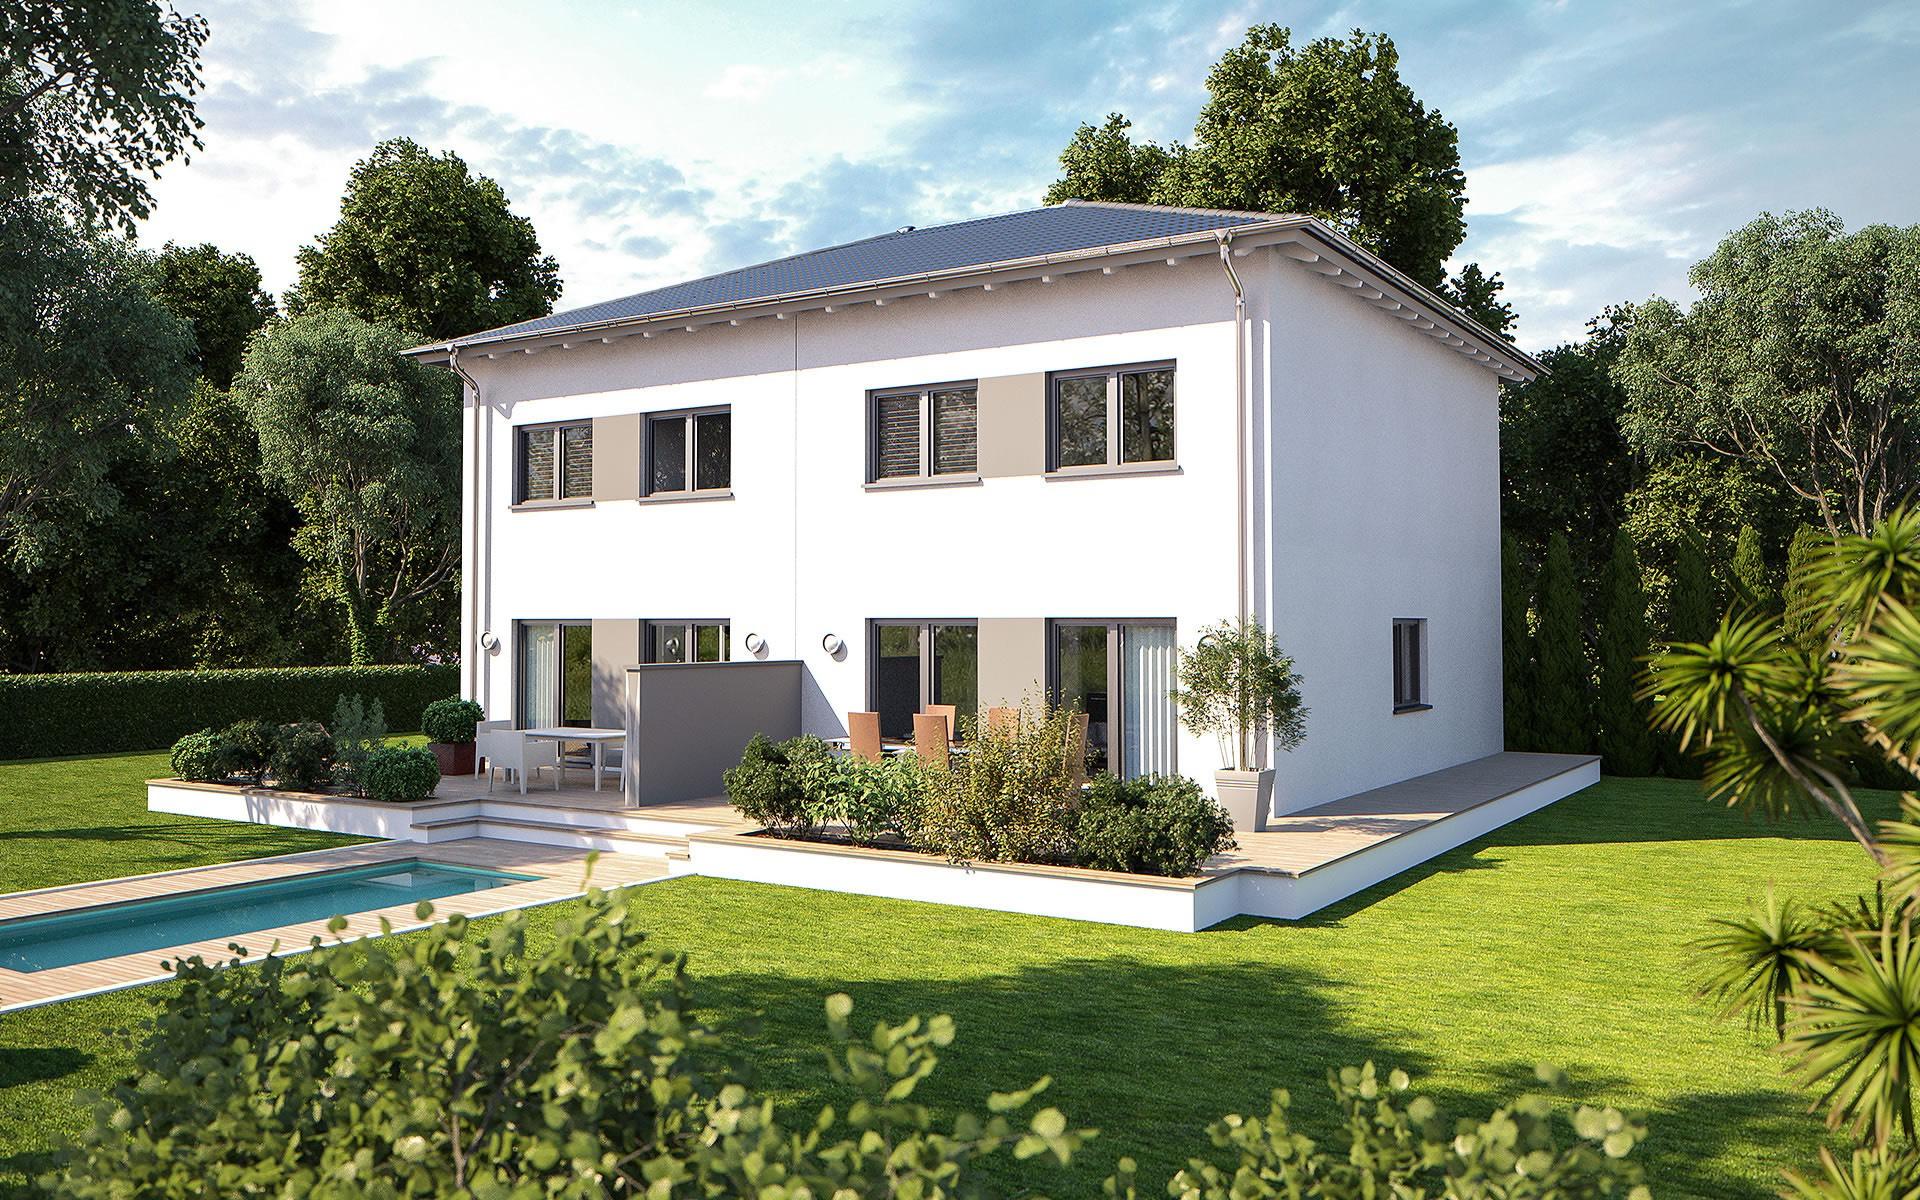 Duo 110 - Bärenhaus - das fertige Haus GmbH